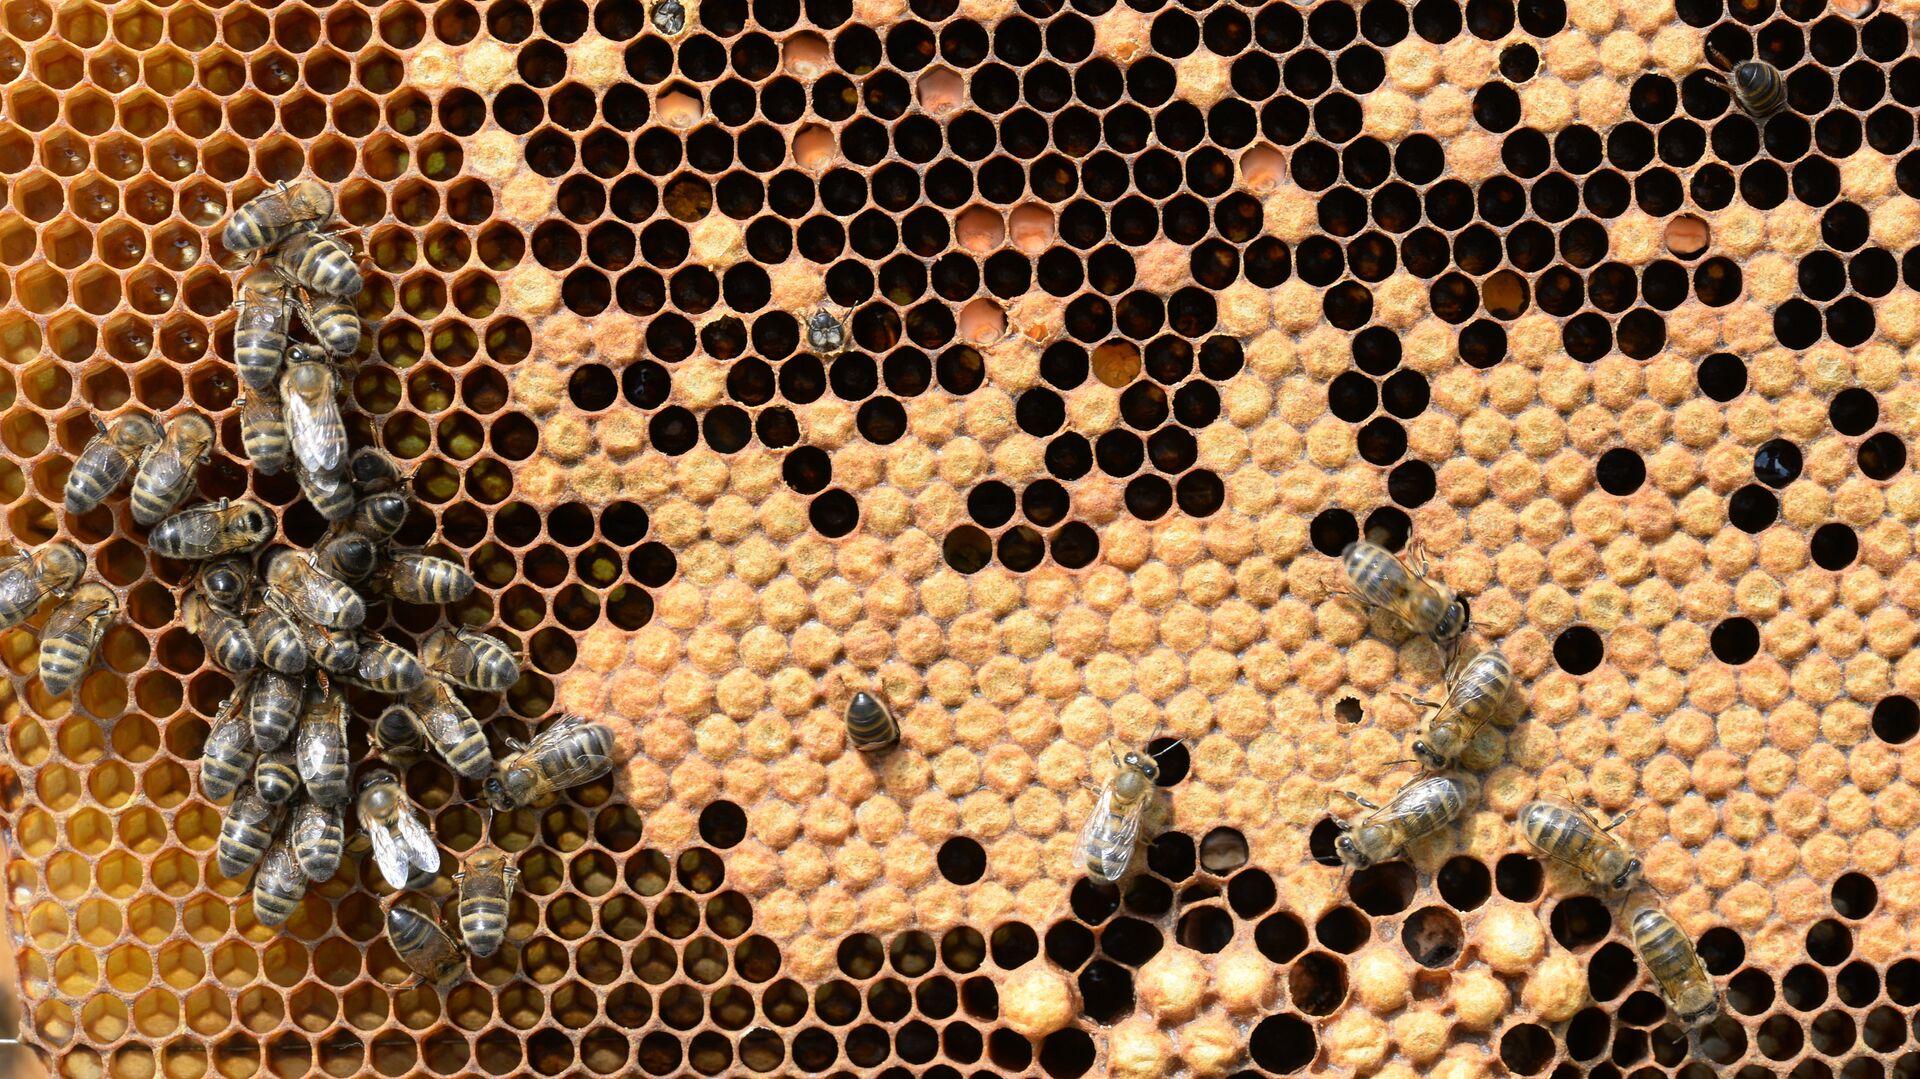 Produzione di miele in Baschiria - Sputnik Italia, 1920, 29.08.2021